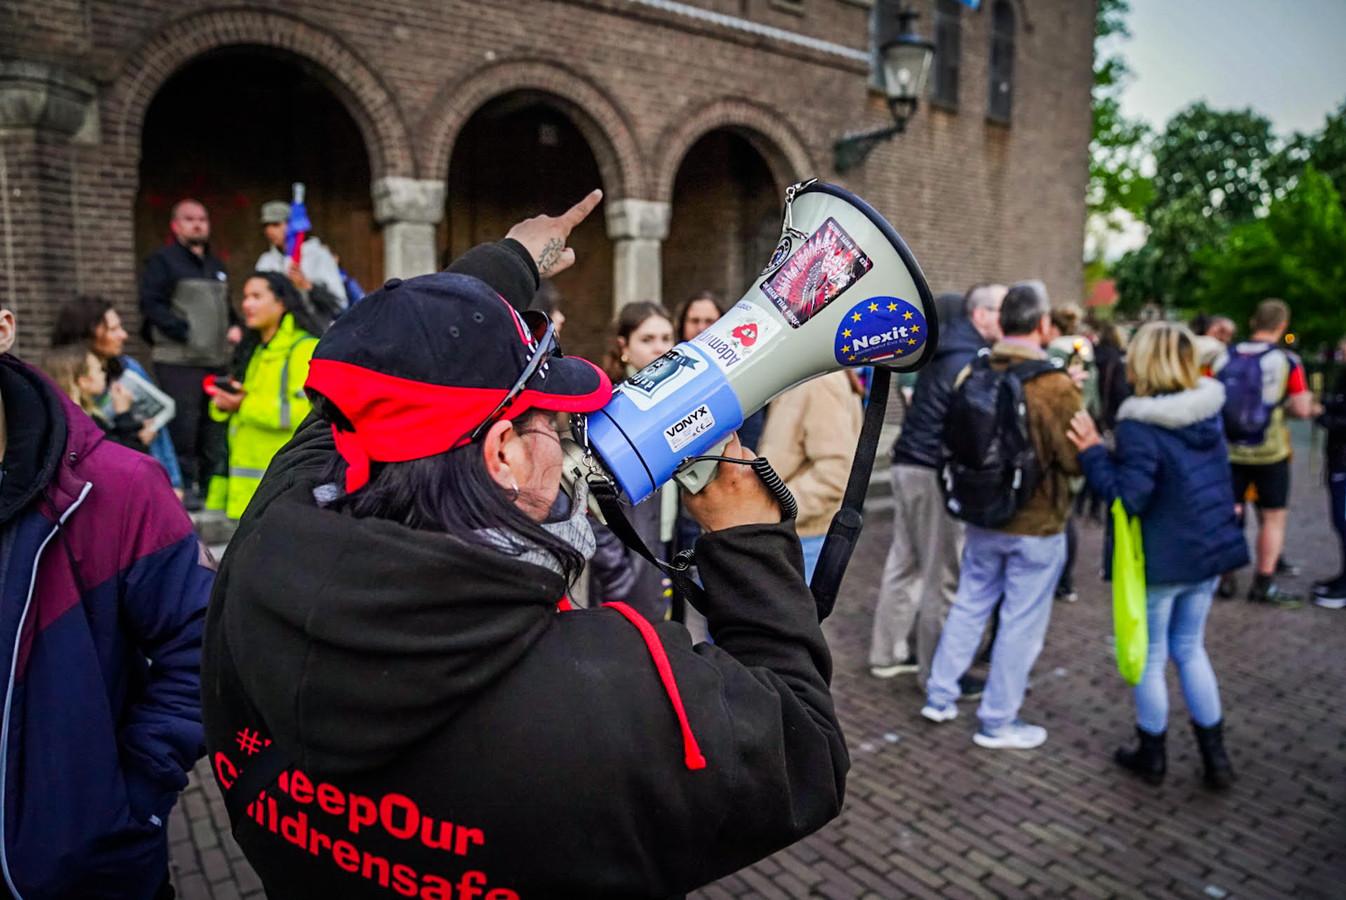 In het Eindhovense Stratum werd zaterdag gedemonstreerd tegen - onder meer - de coronamaatregelen